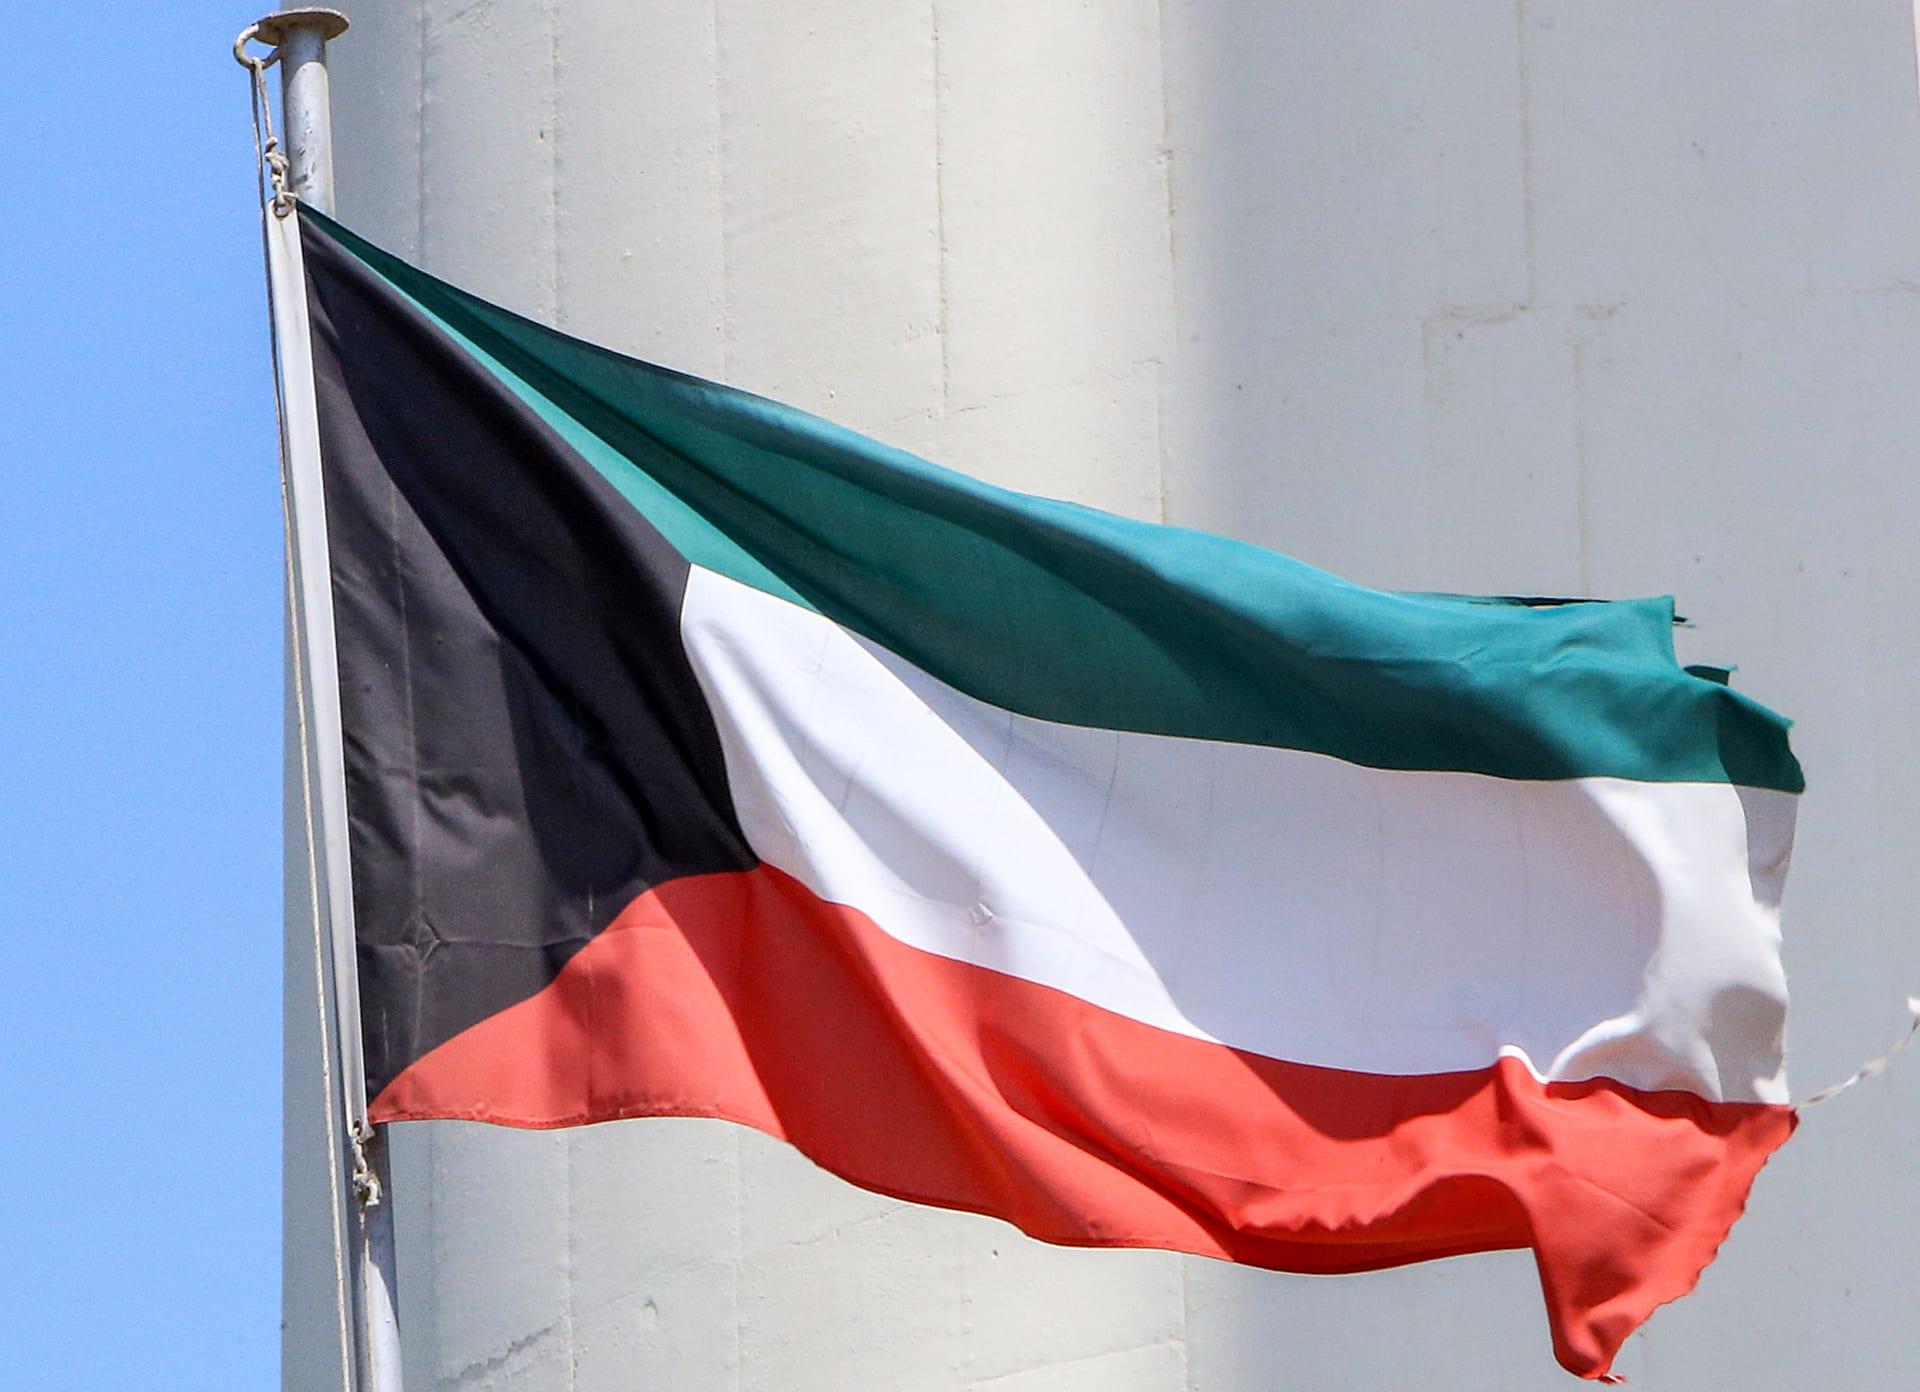 هذه الصورة التي التقطت في 20 سبتمبر 2020 تظهر العلم الوطني الكويتي وهو يرفرف على سارية في مدينة الكويت.